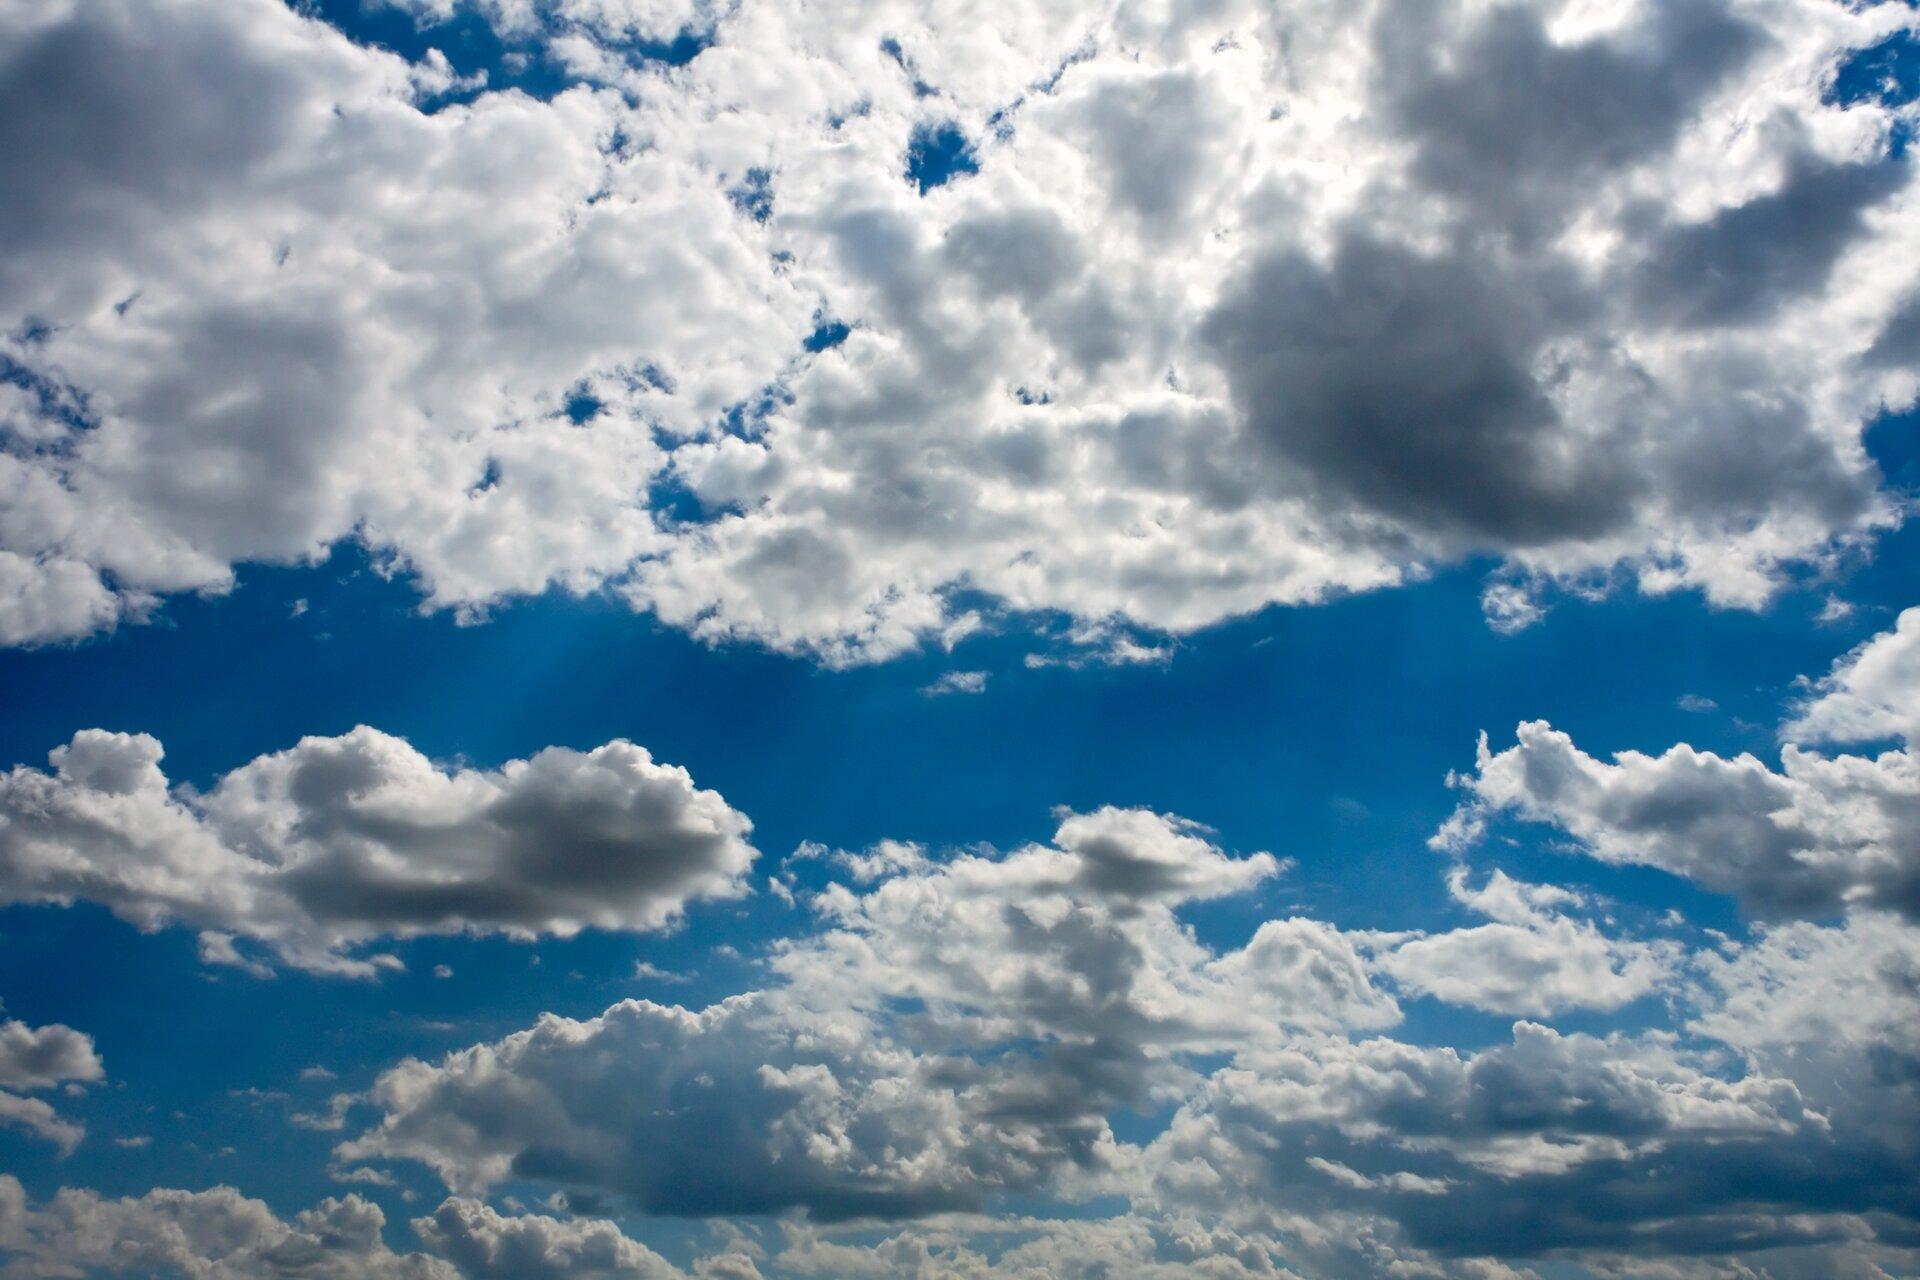 Zdjęcie przedstawia niebieskie niebo pokryte gęsto chmurami. Chmury orozmytej powierzchni. Wśrodkowej części chmury są gęste iciemne. Krawędzie chmur są nieostre ipółprzeźroczyste. Chmury wgórnej części nieba są jaśniejsze.